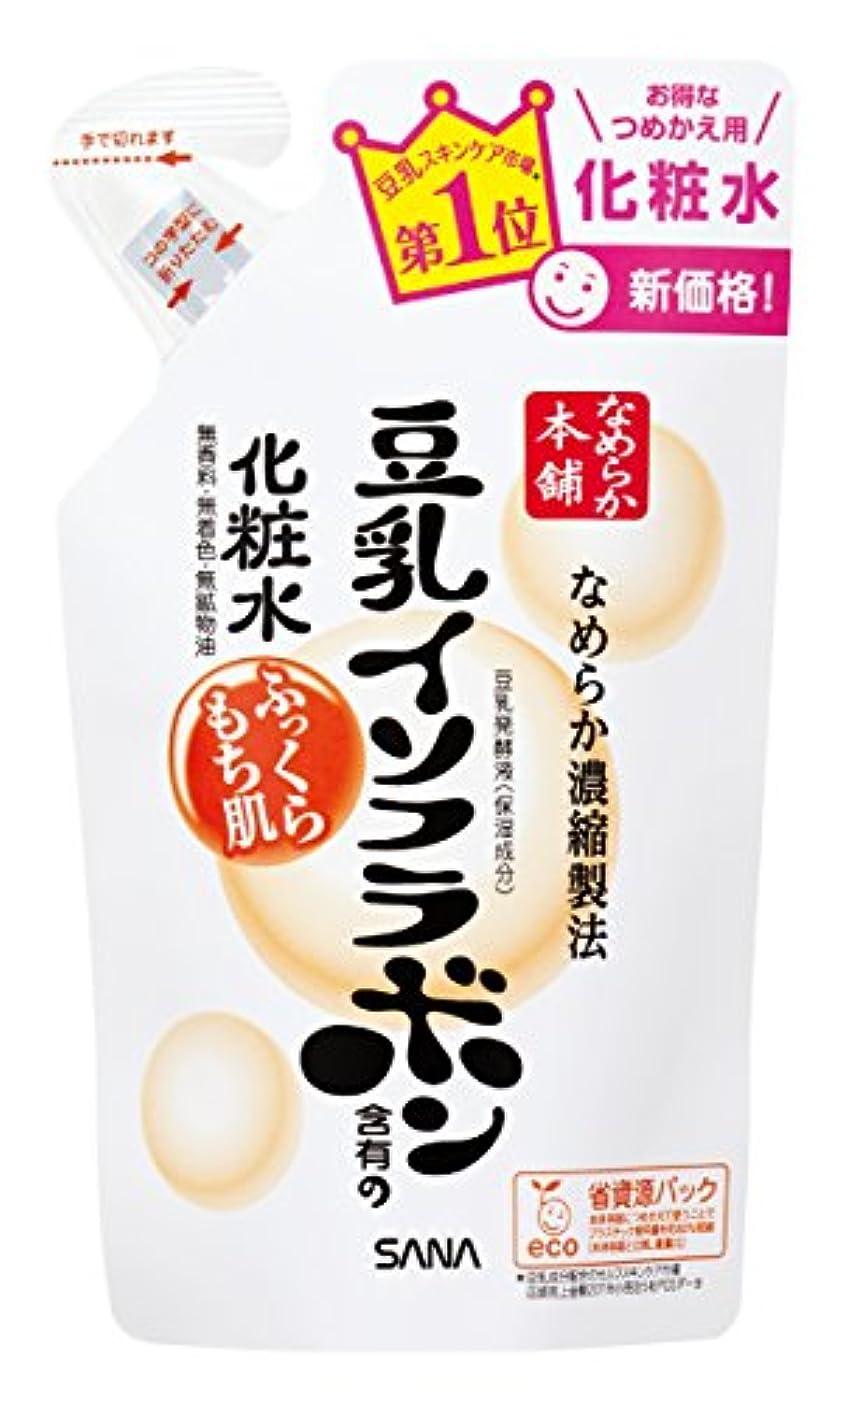 雄弁な感度若さなめらか本舗 化粧水NA(つめかえ用) 180ml